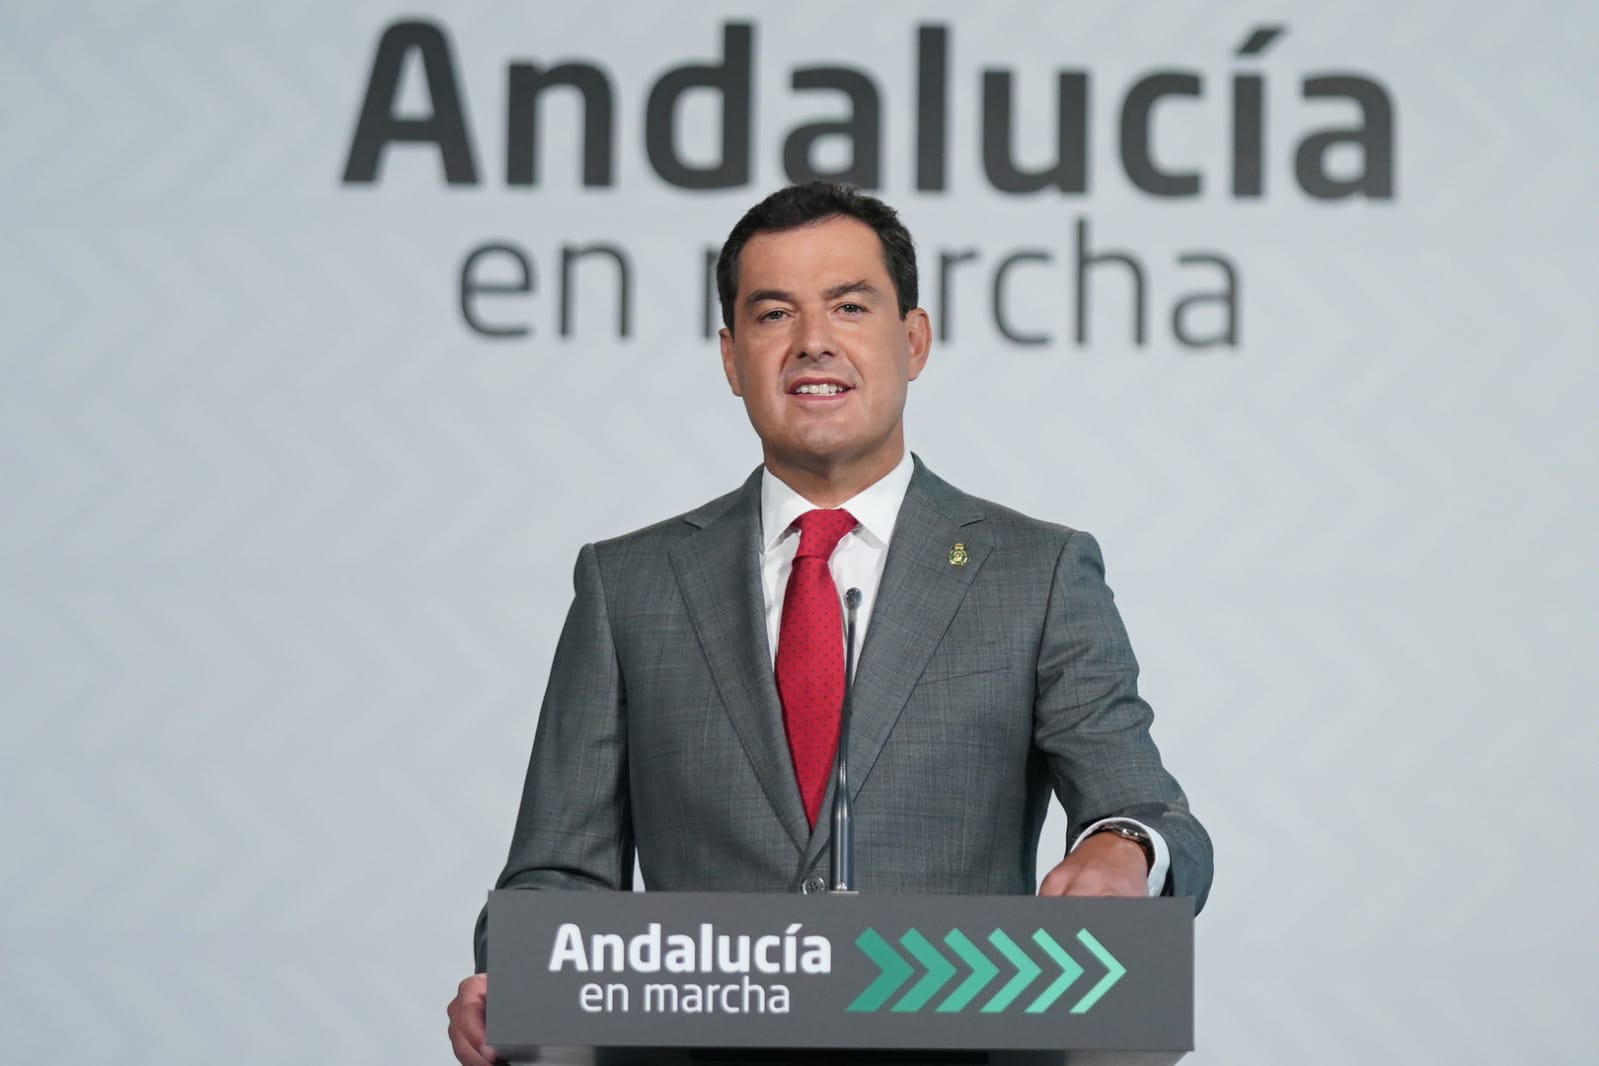 200914 JMM Andalucía en marcha 2